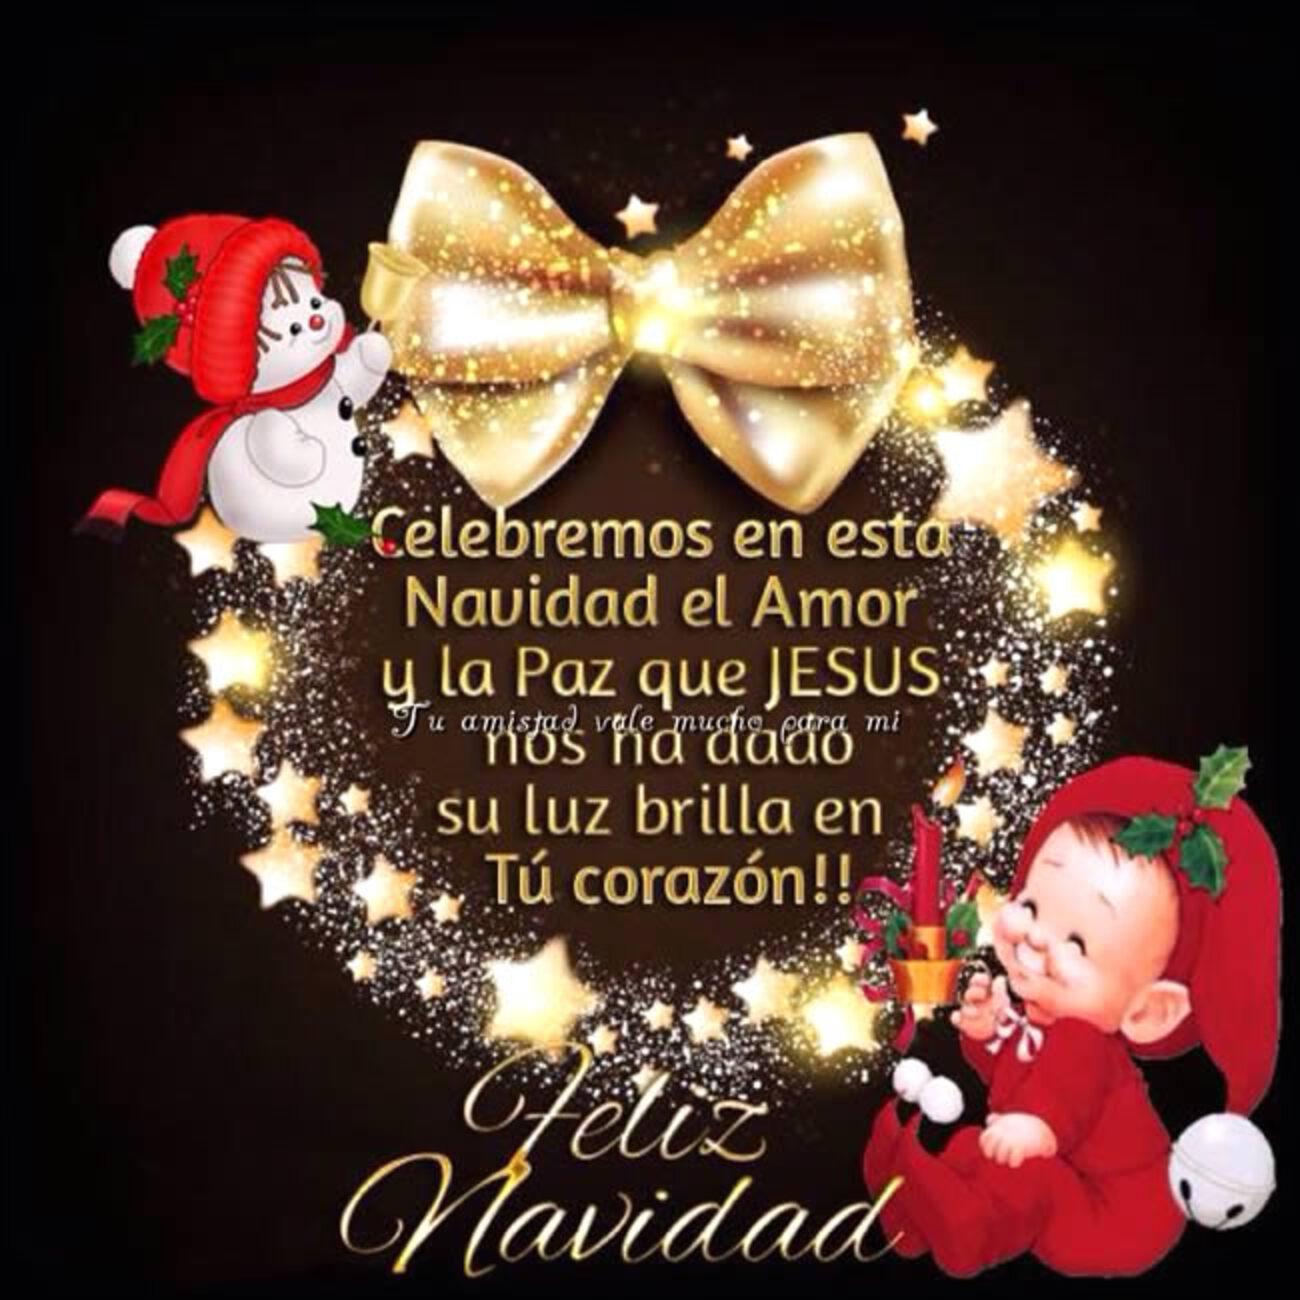 Celebramos en esta Navidad el amor y la paz que Jesús nos ha dado su luz brillaen tu corazón!! Feliz Navidad